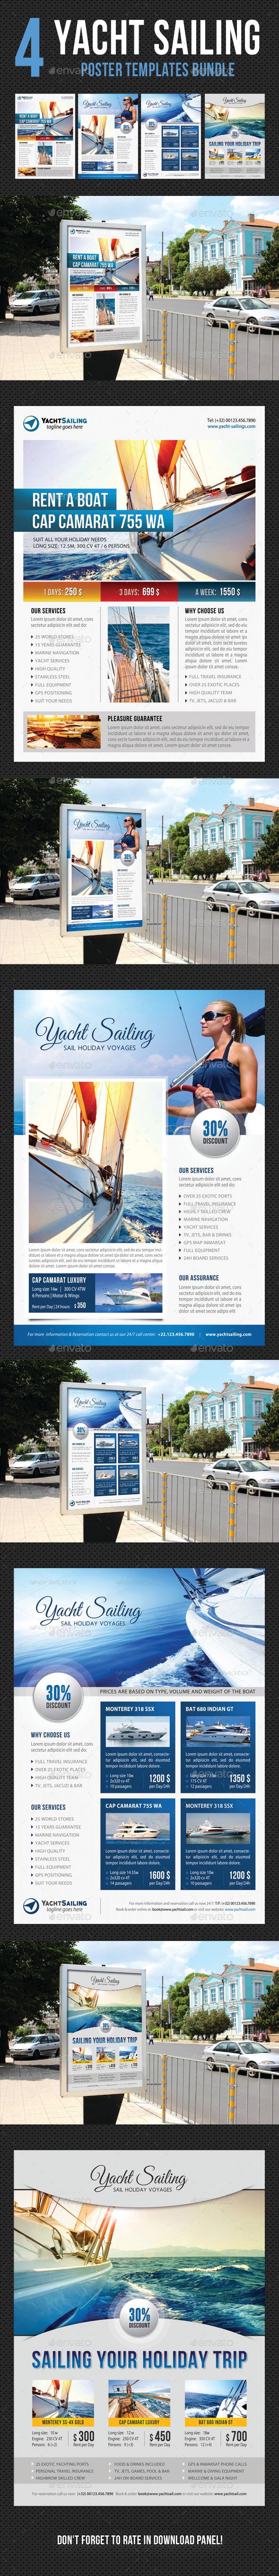 4 Yacht Sailing Poster Templates Bundle 03 - Signage Print Templates